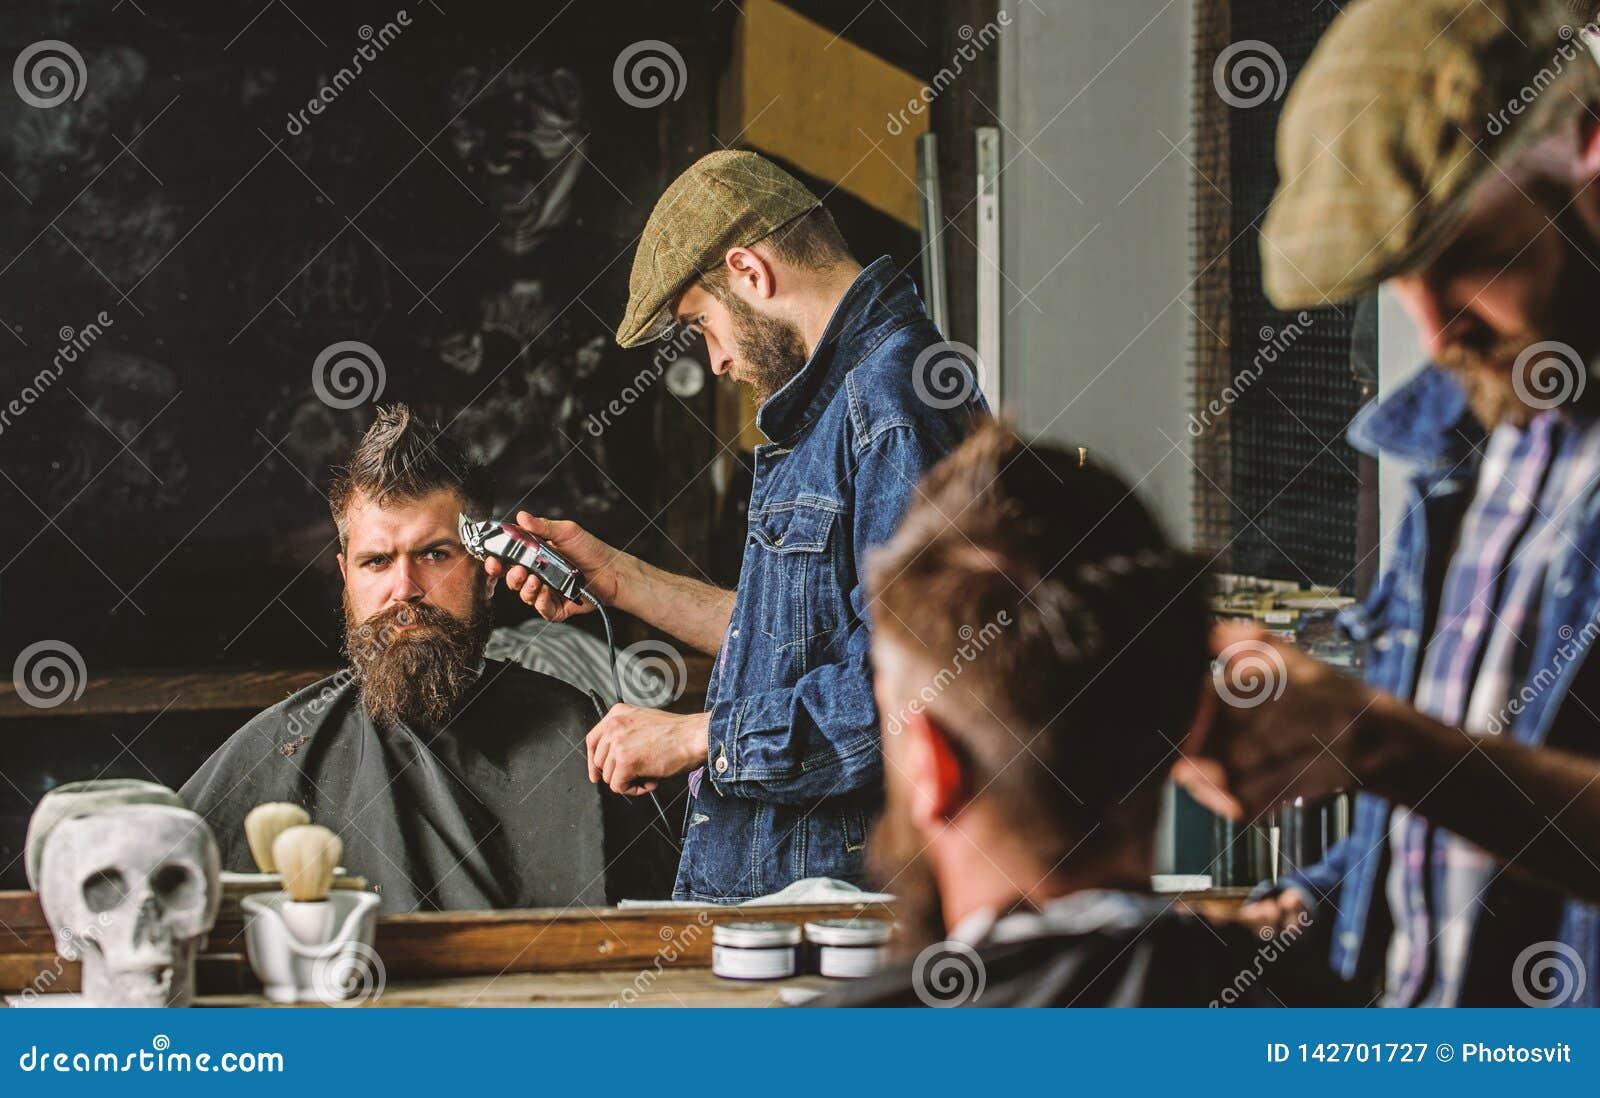 Ostrzyżenia pojęcie Fryzjer męski z włosianym cążki pracuje na fryzurze dla mężczyzna z brodą, zakładu fryzjerskiego tło Fryzjera